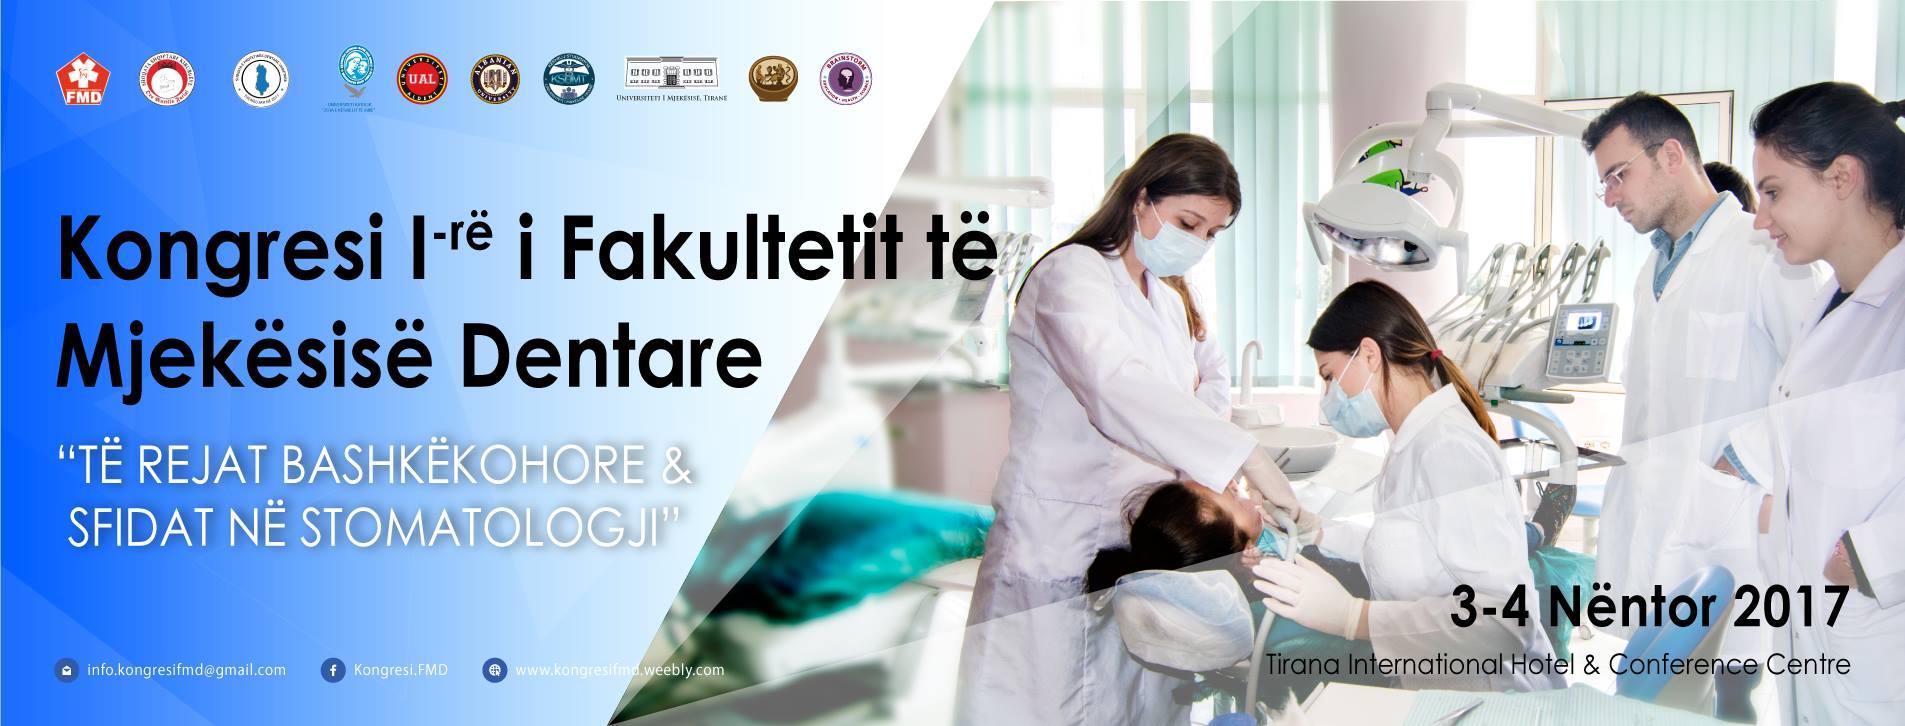 """Kongresi  I-rë i Fakultetit të Mjekësisë Dentare – """"Të rejat bashkëkohore dhe sfidat në stomatologji"""""""